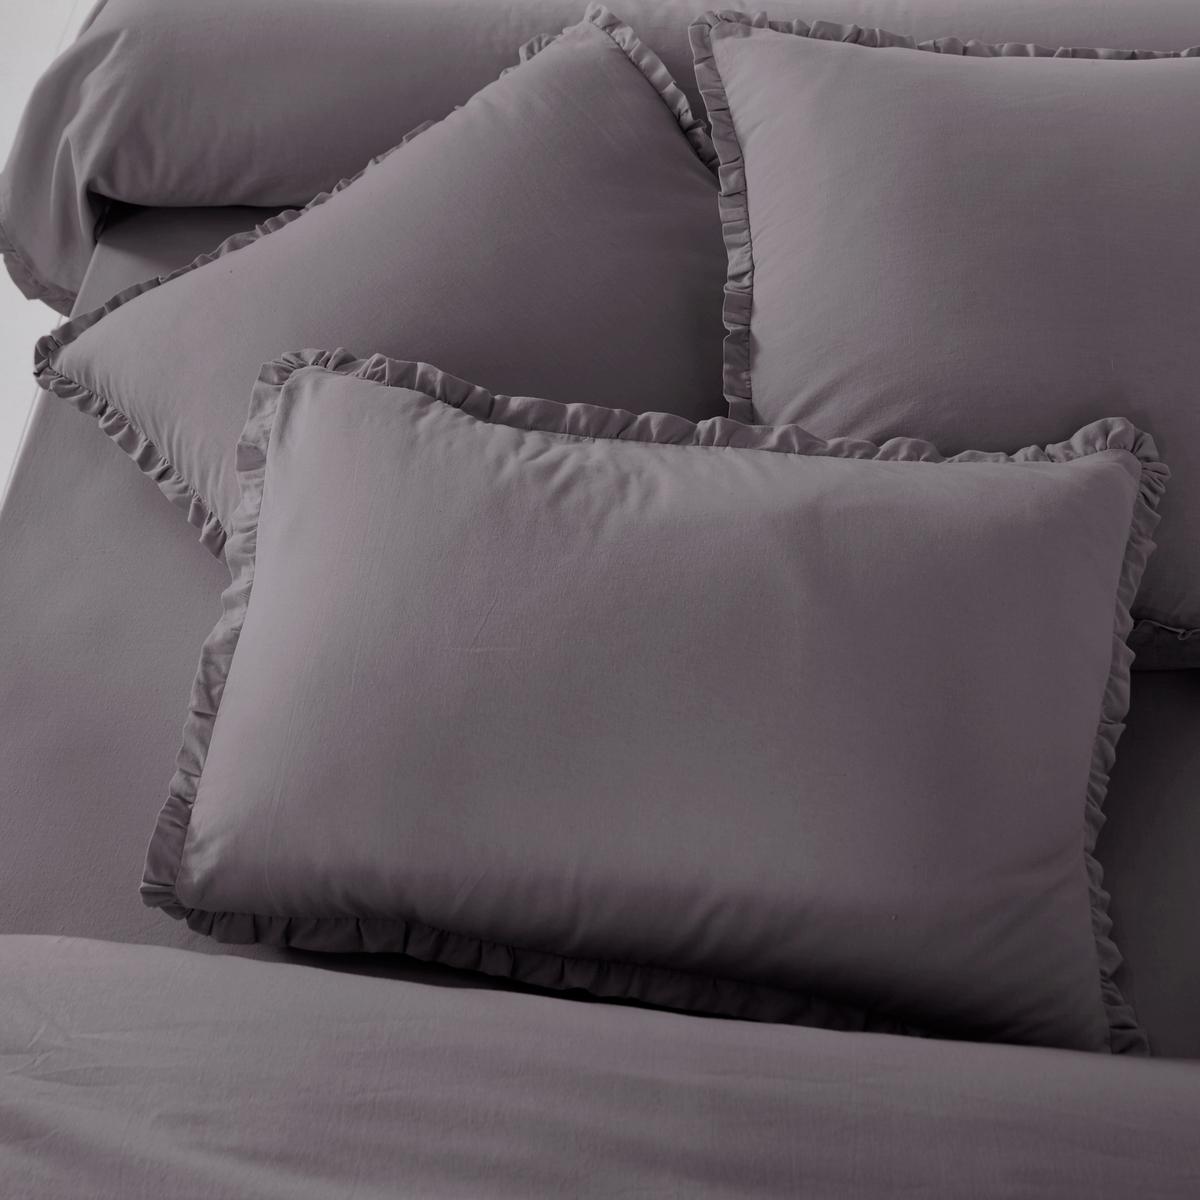 Наволочка на подушку-валик из смешанной стиранной ткани , OndinaОписание наволочки на подушку-валик Ondina :- Смешанная ткань 55%хлопка, 45% льна, аутентичная и прочная стиранная ткань для еще большей мягкости и эластичности ..Машинная стирка при 60 °С.- Отделка двойным воланом, со складками.  Размеры на выбор :85 x 185 см<br><br>Цвет: светло-бежевый,серо-фиалковый<br>Размер: 85 x 185 см.85 x 185 см